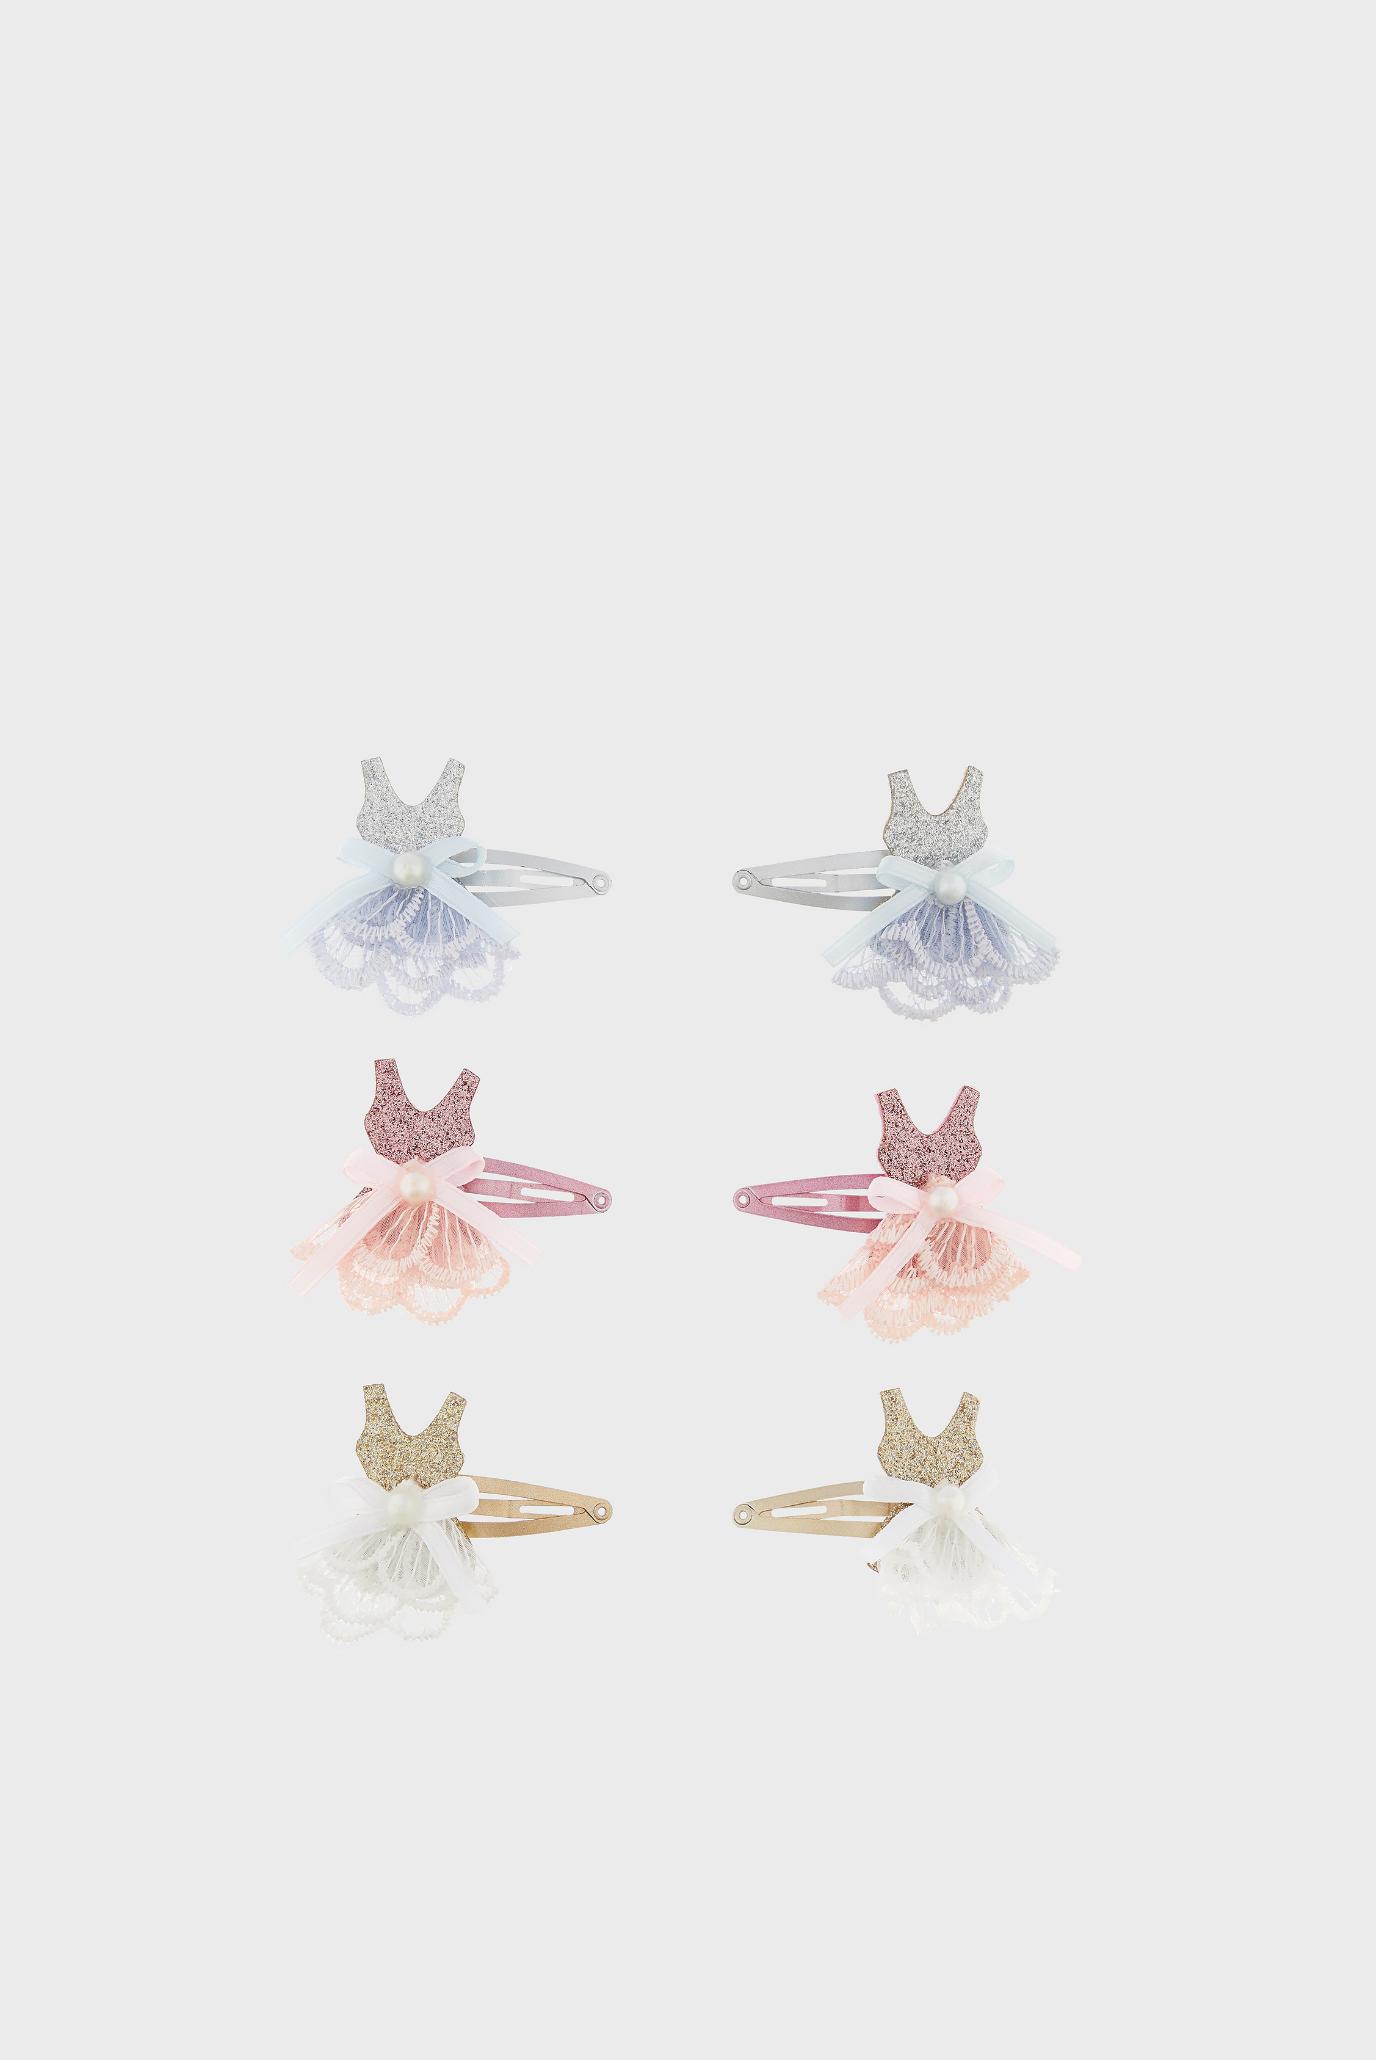 Купить Набор детских заколок (6 шт) Lacey Ballerina Monsoon Children Monsoon Children 610154 – Киев, Украина. Цены в интернет магазине MD Fashion